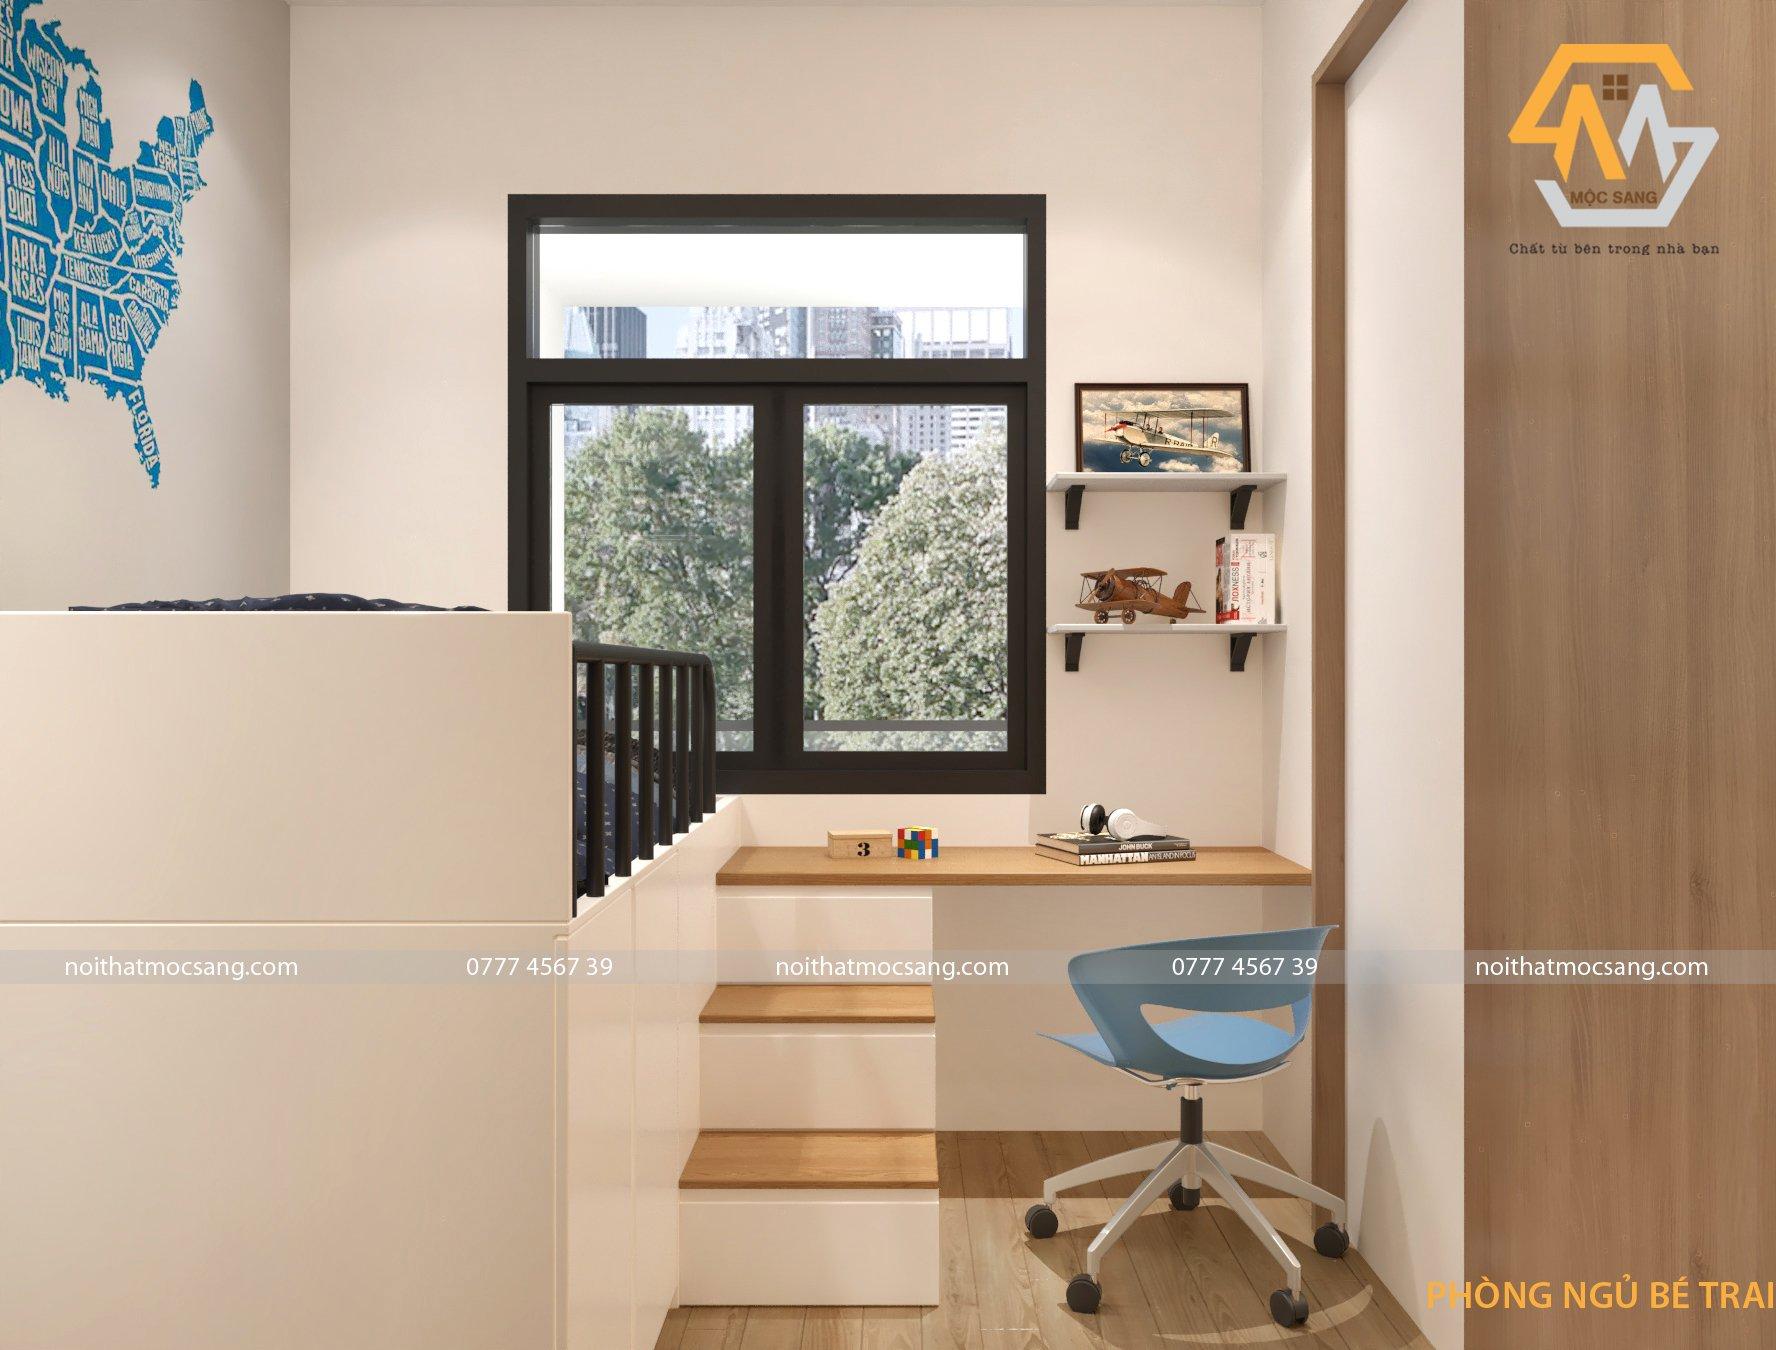 thiết kế thi công nội thất tại Quảng Ngãi